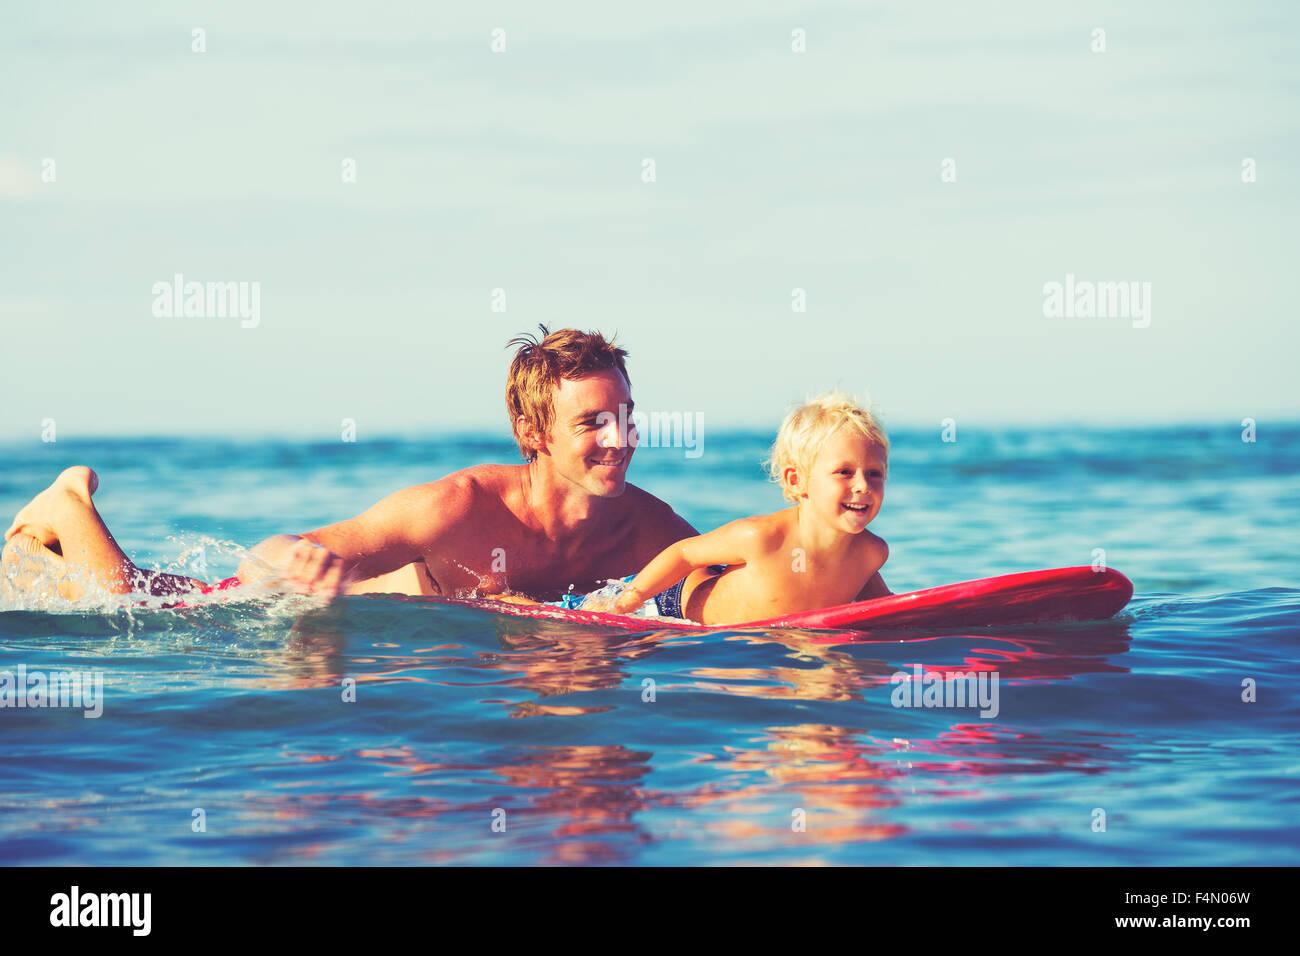 Vater und Sohn zusammen surfen. Sommerspaß outdoor-Lifestyle Stockbild